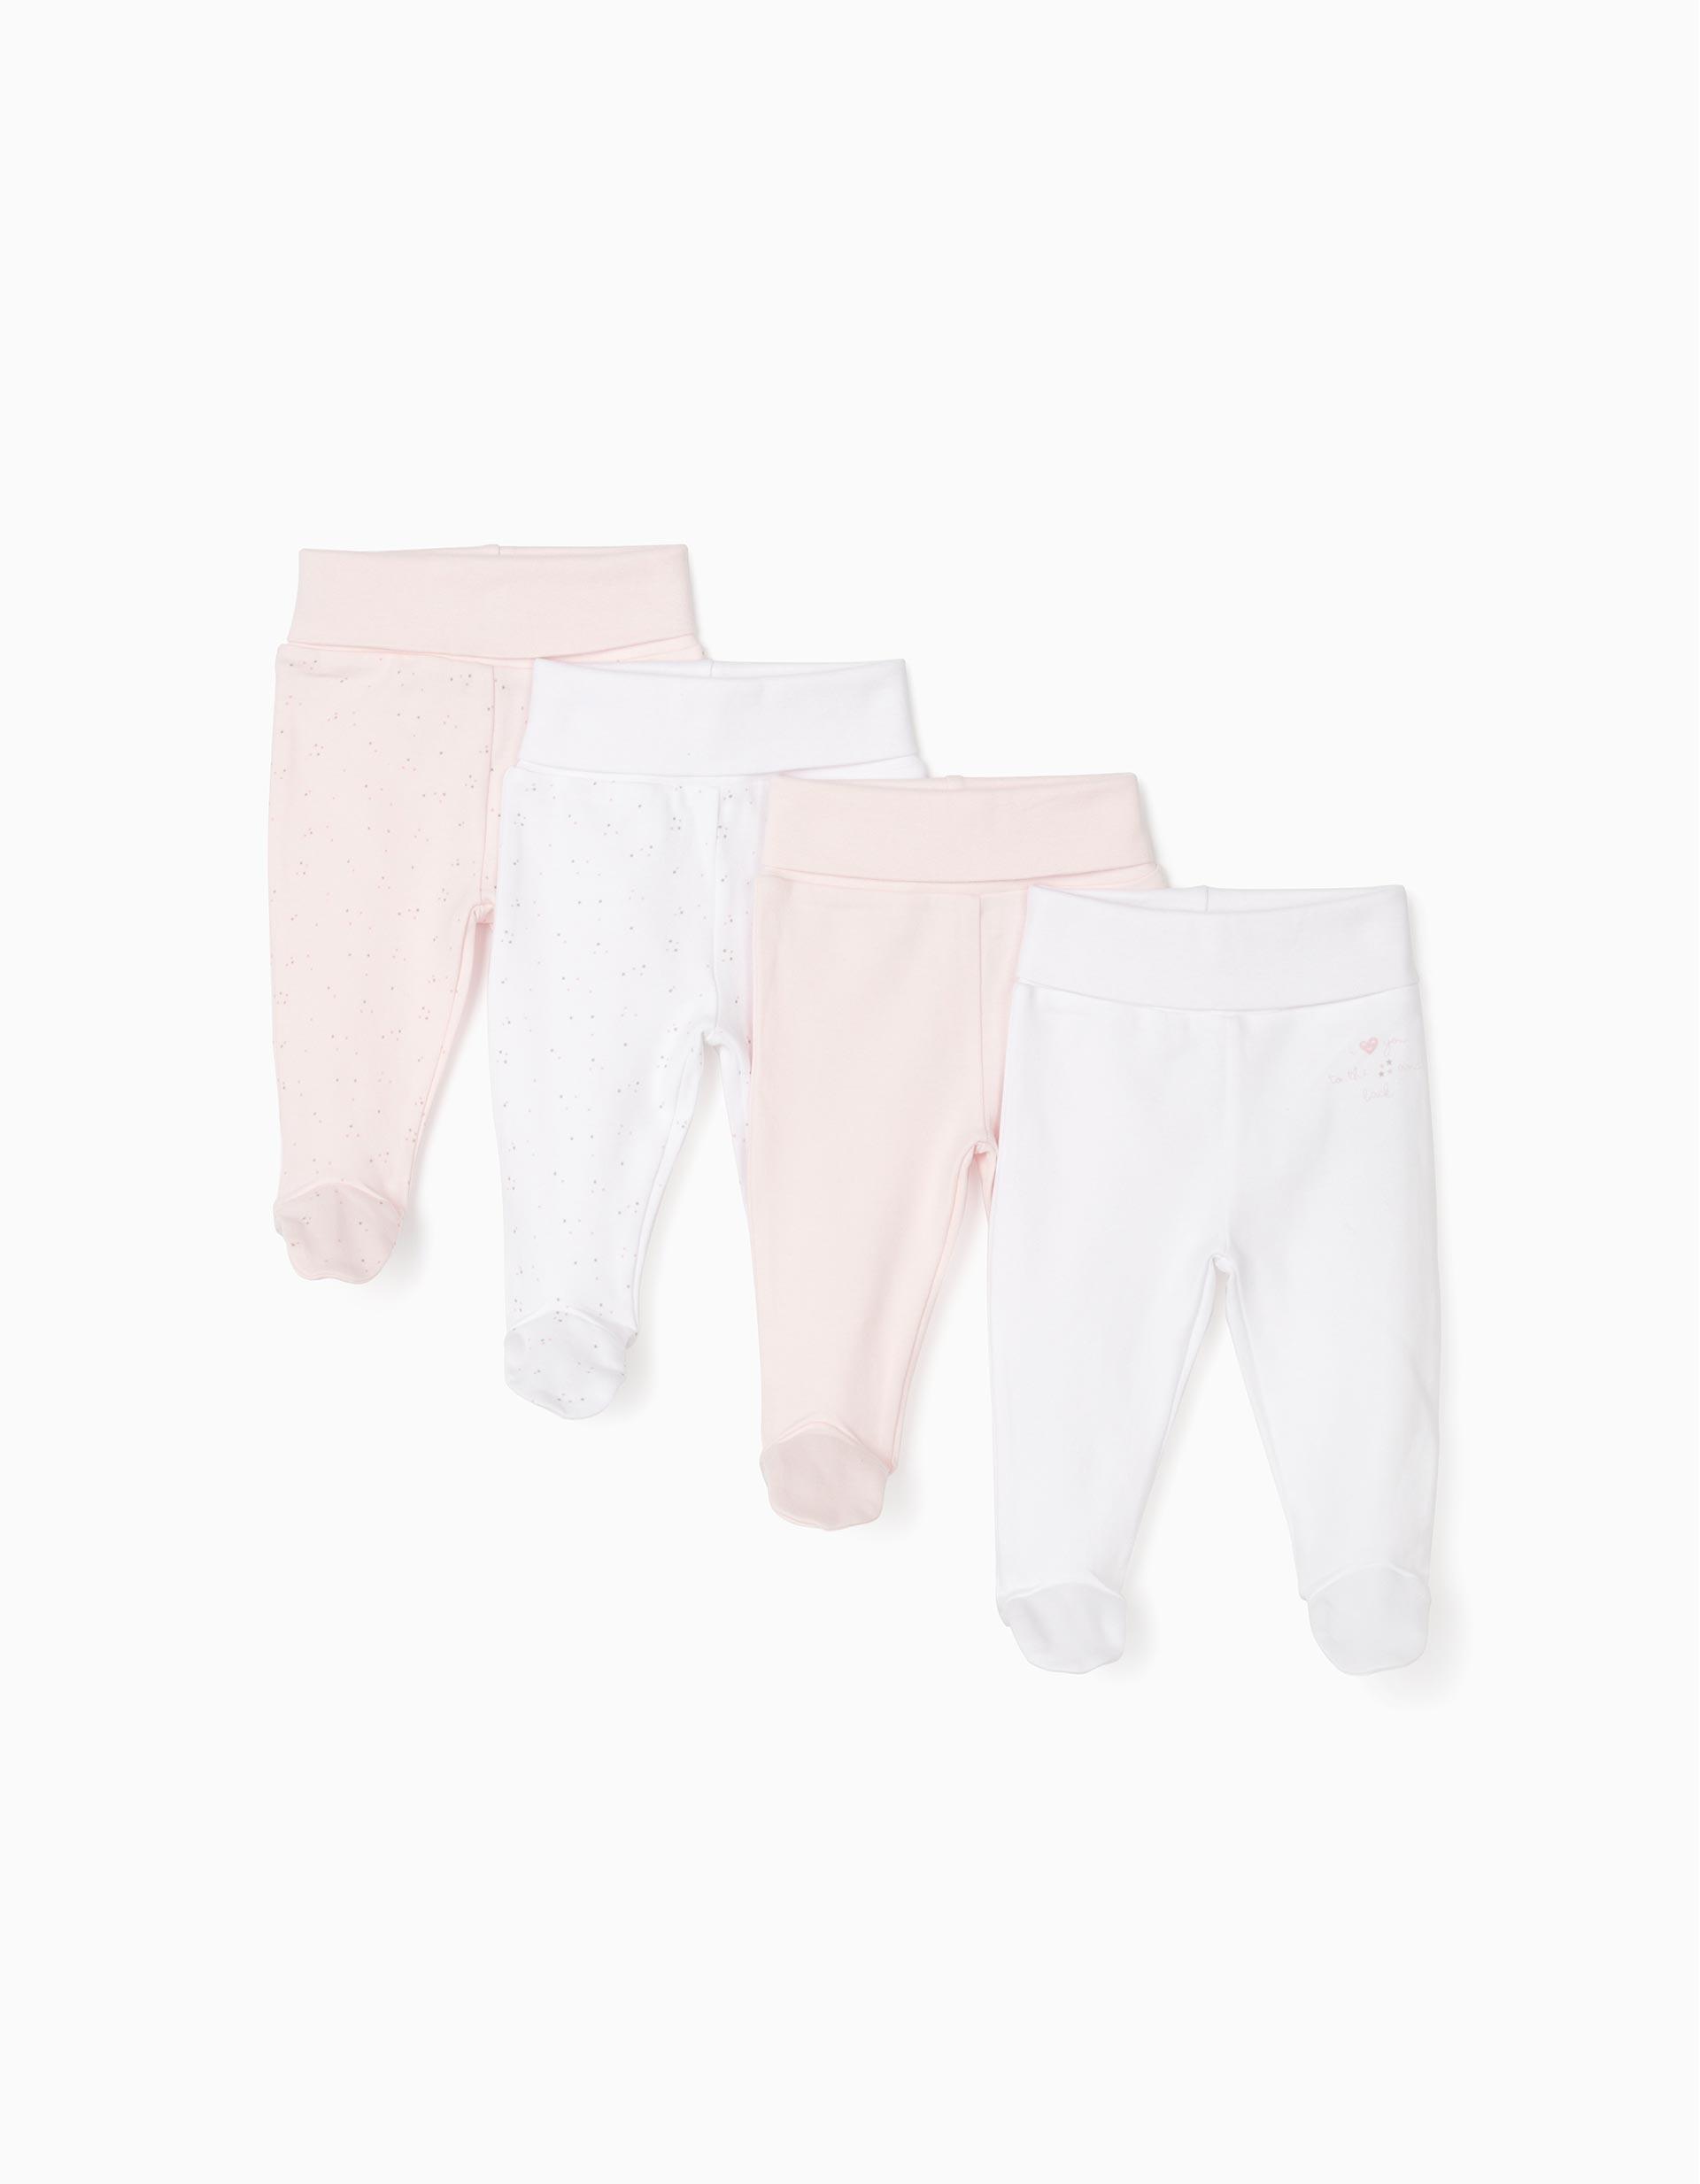 4 Calças com Pés para Recém-Nascida, Branco/Rosa